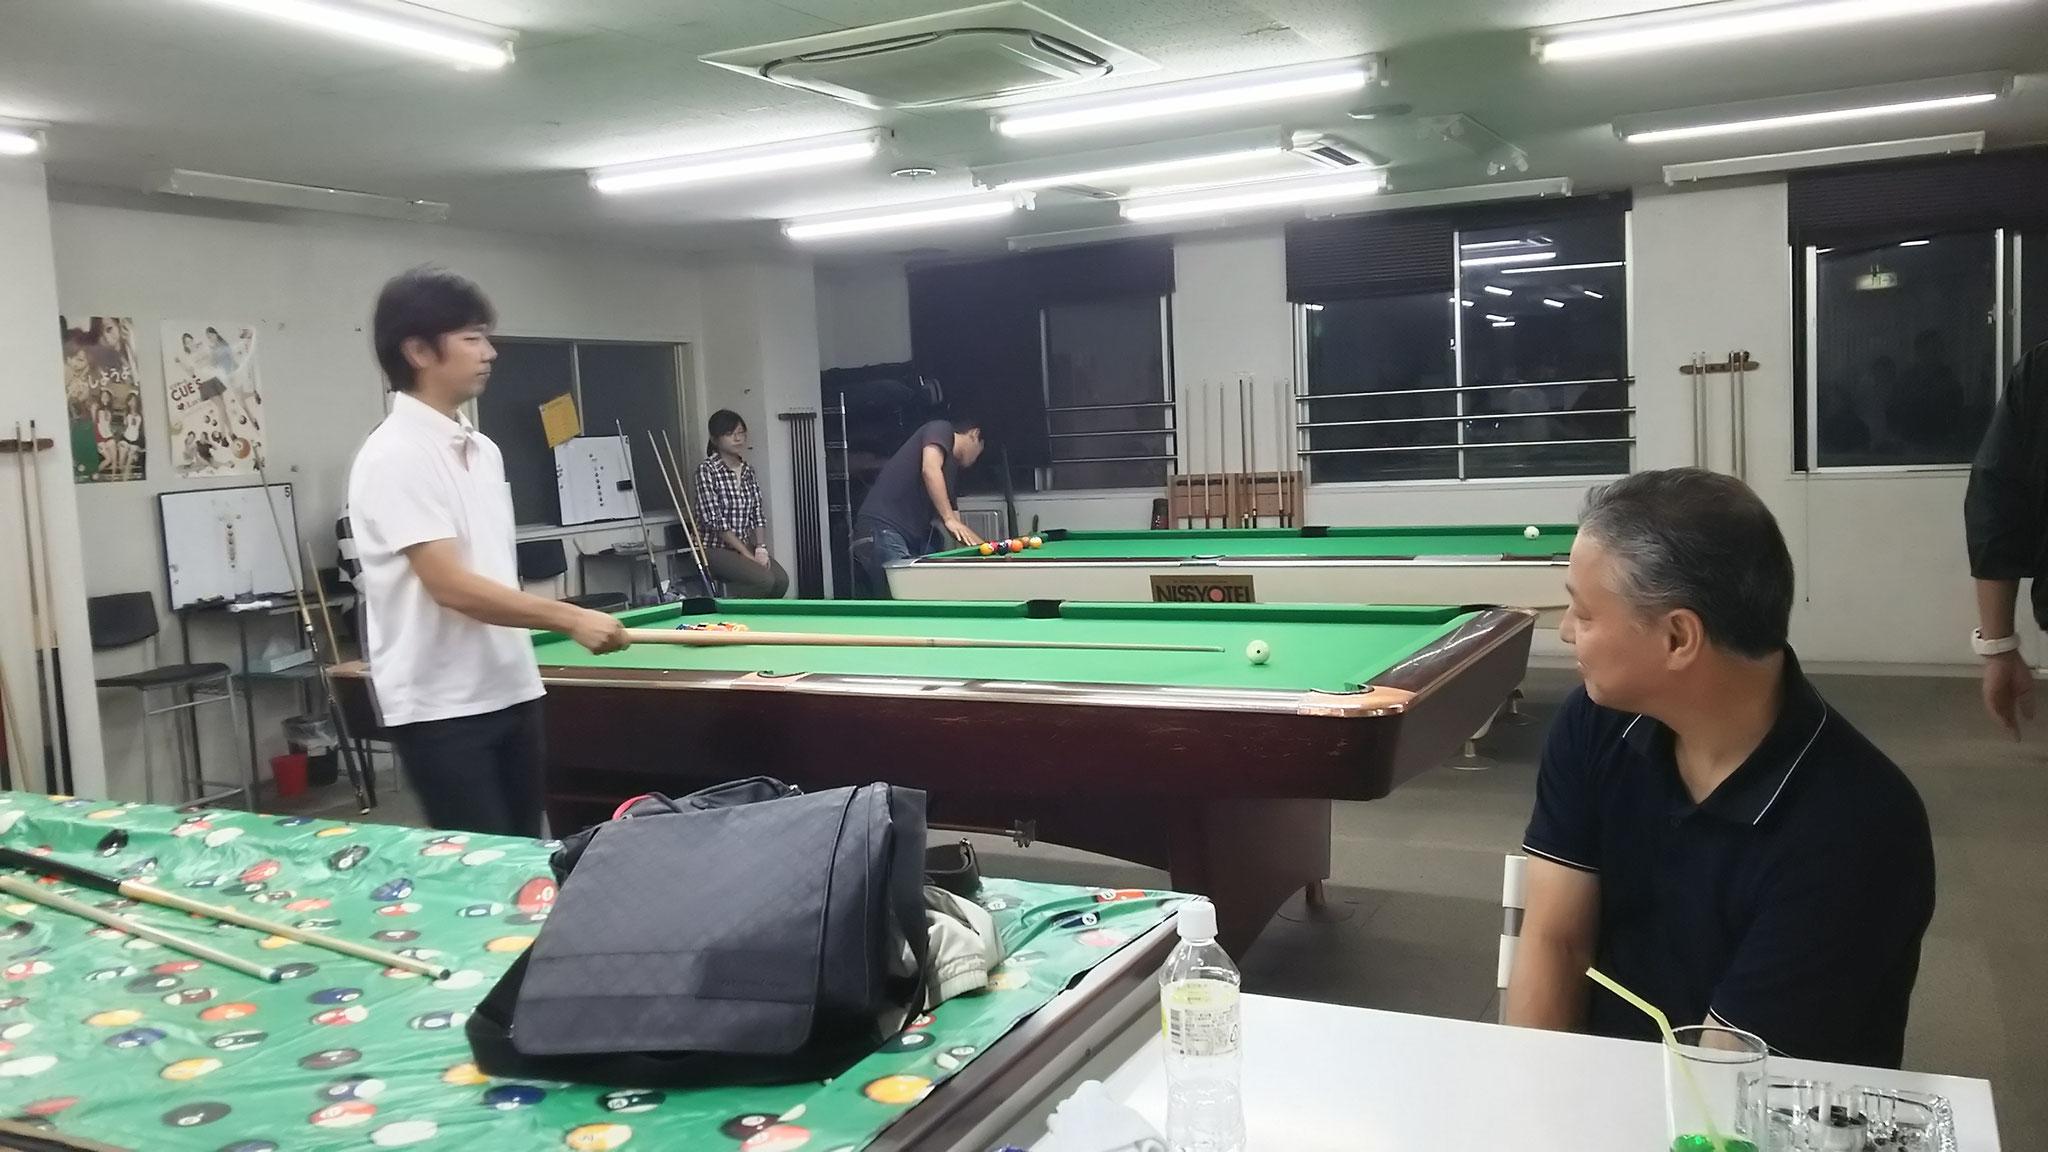 試合を見守る田中さん